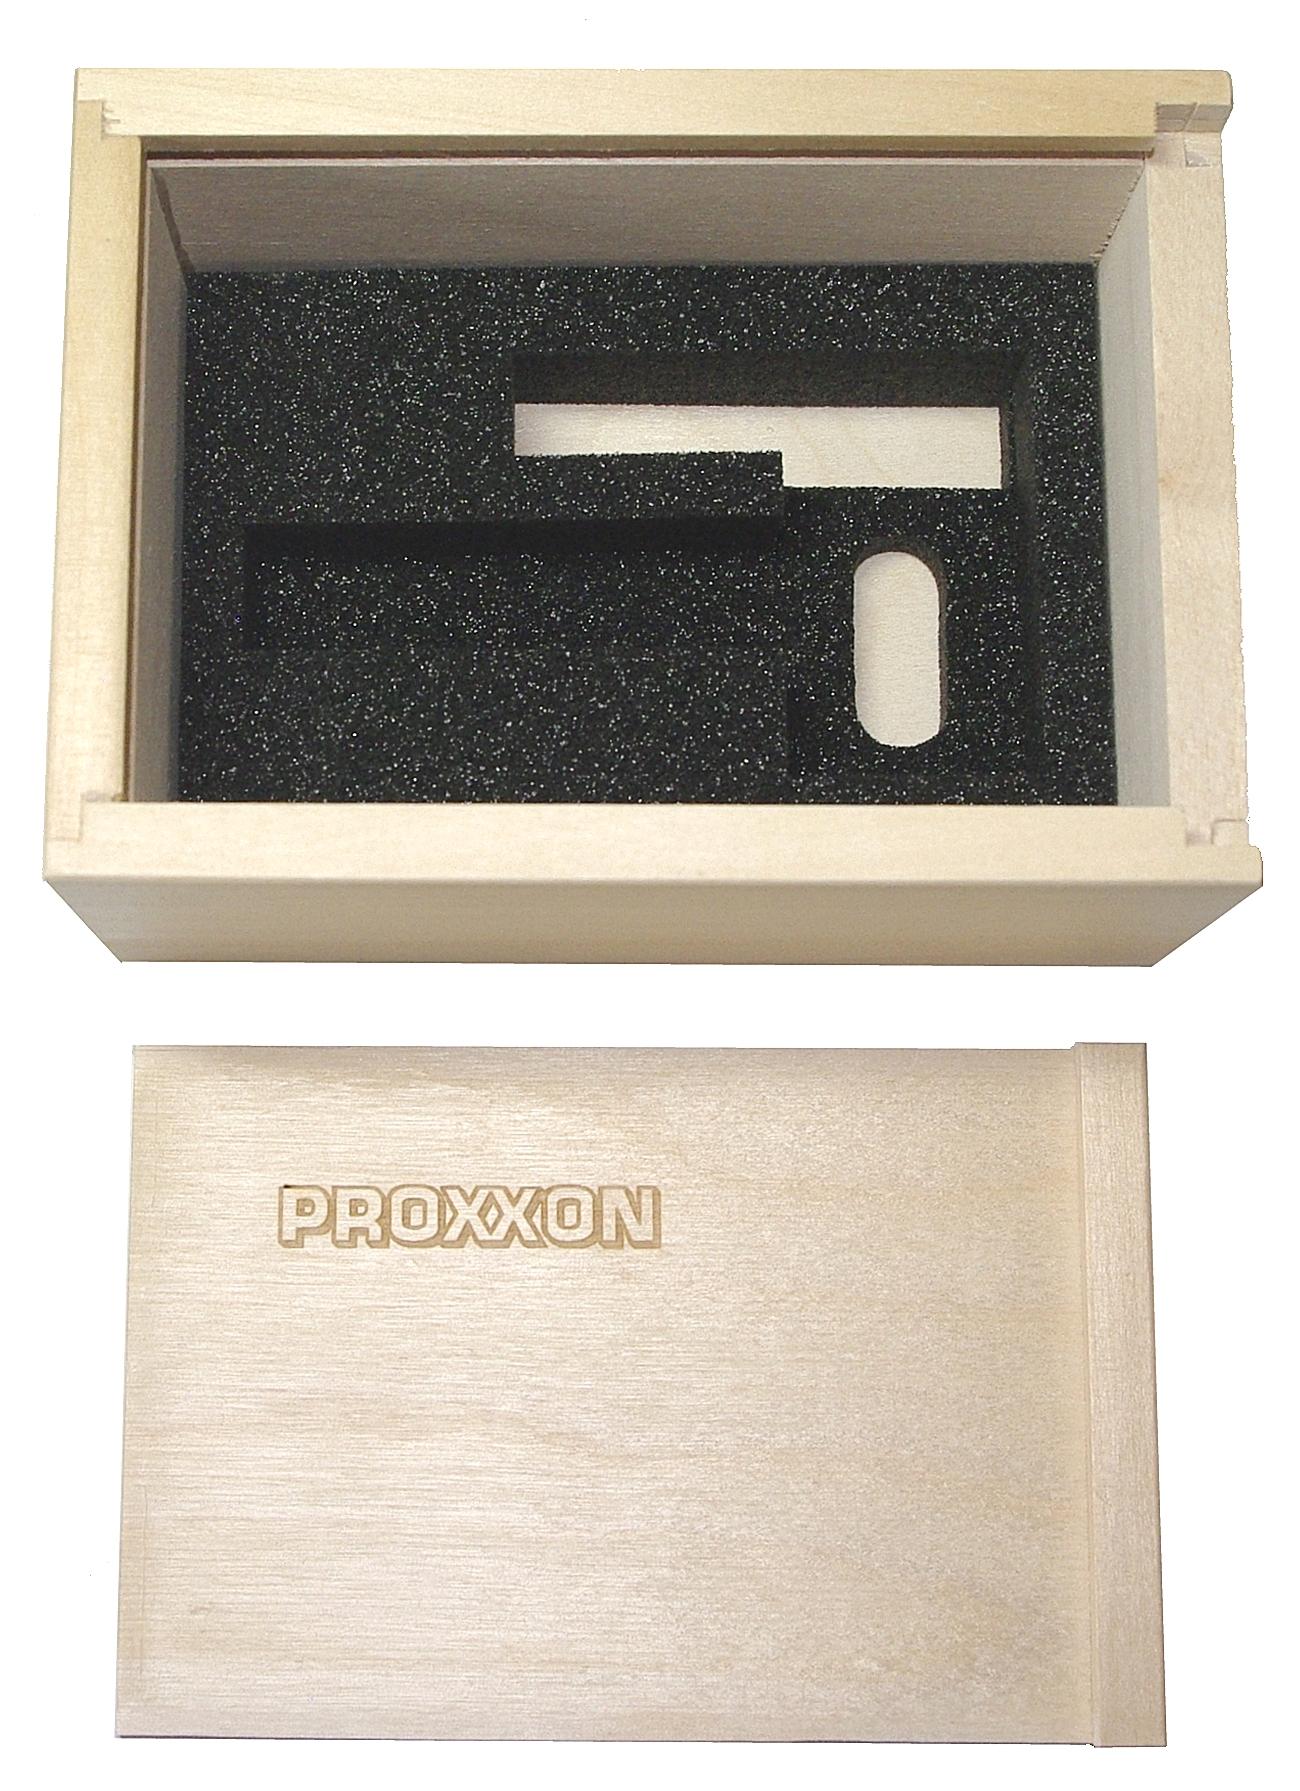 PROXXON 24062-97 Holzkasten Leerkasten zu PROXXON 24062 24092-97